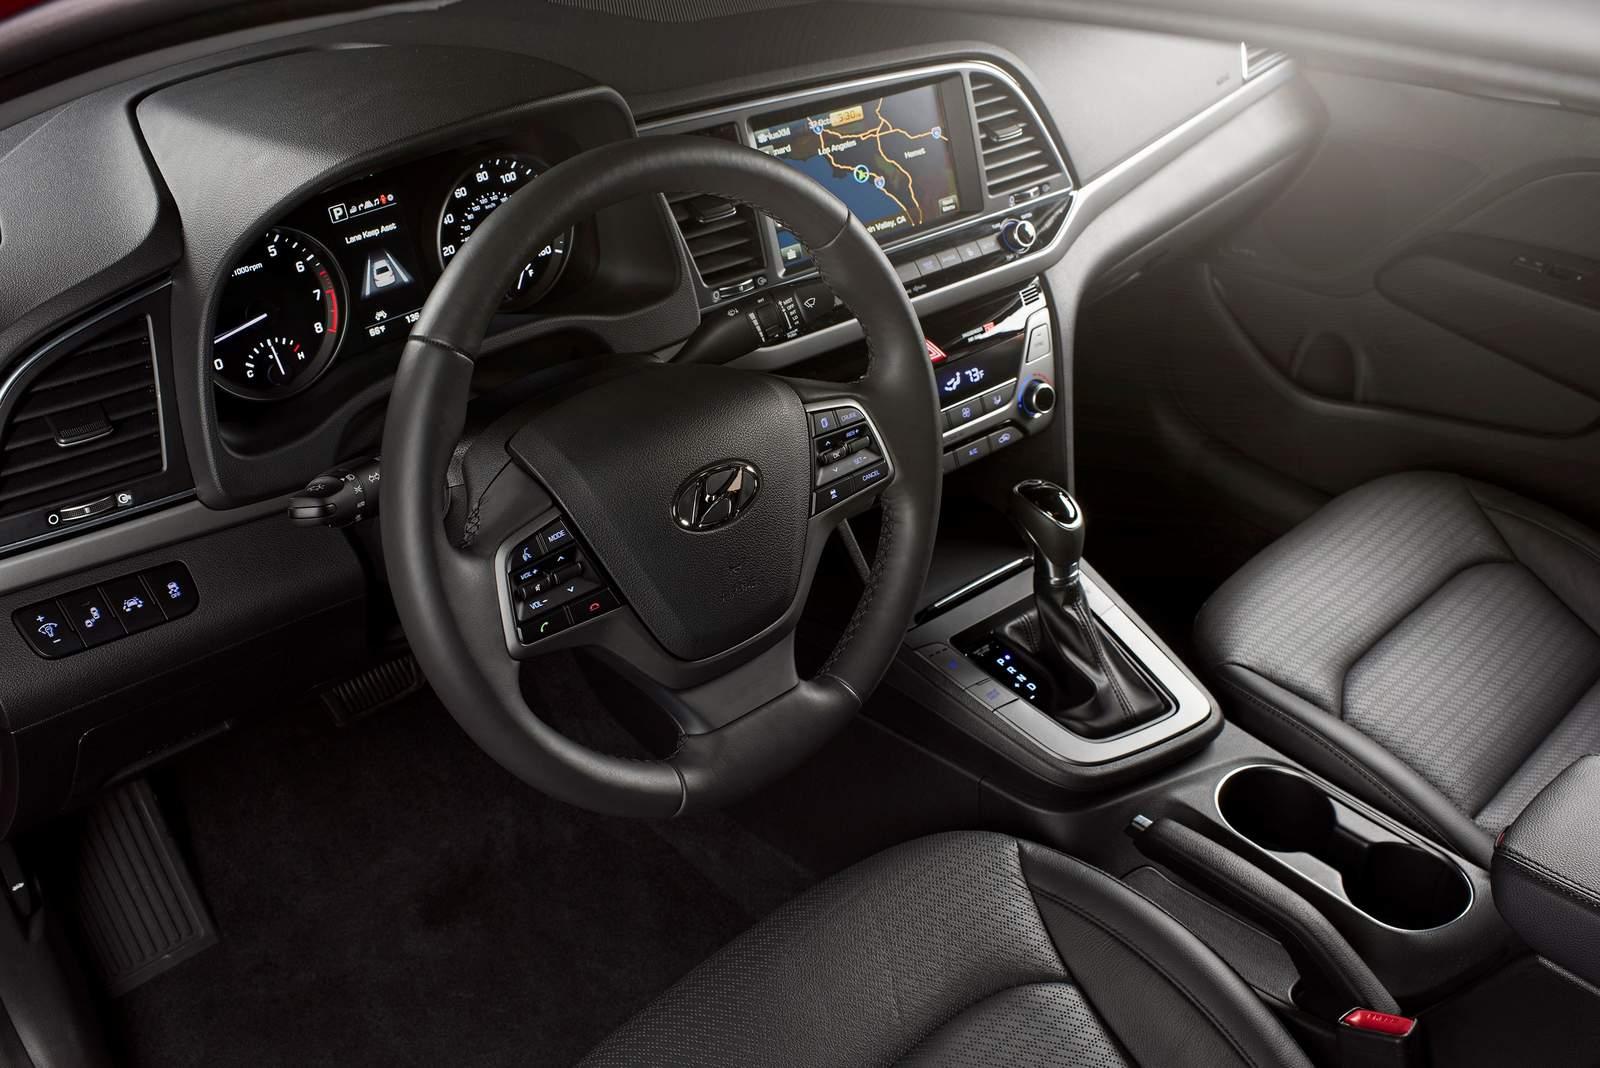 Novo Hyundai Elantra 2017 - interior